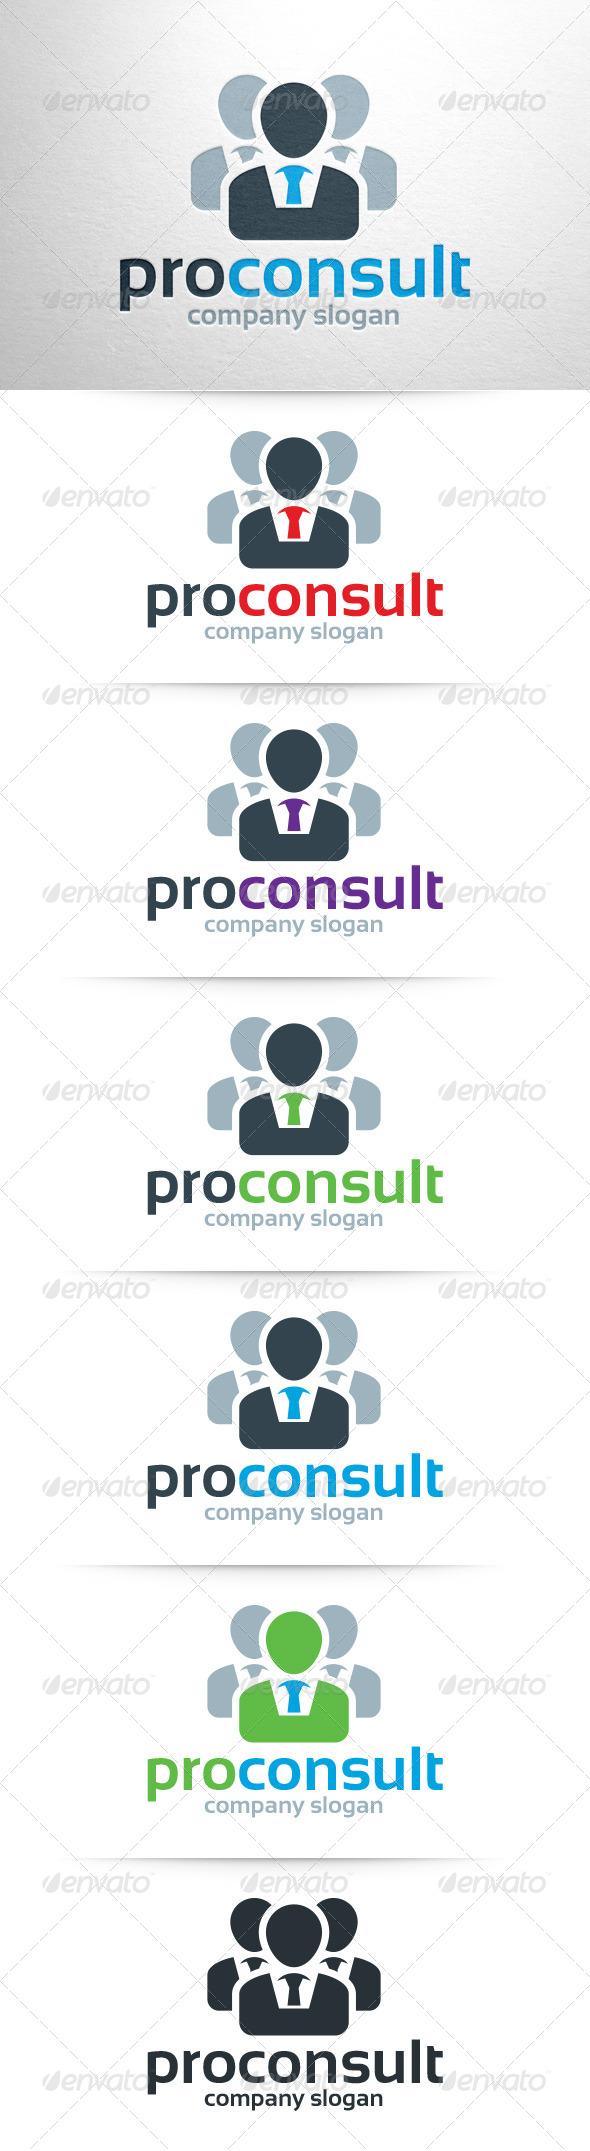 GraphicRiver Pro Consult Logo Template 7832365